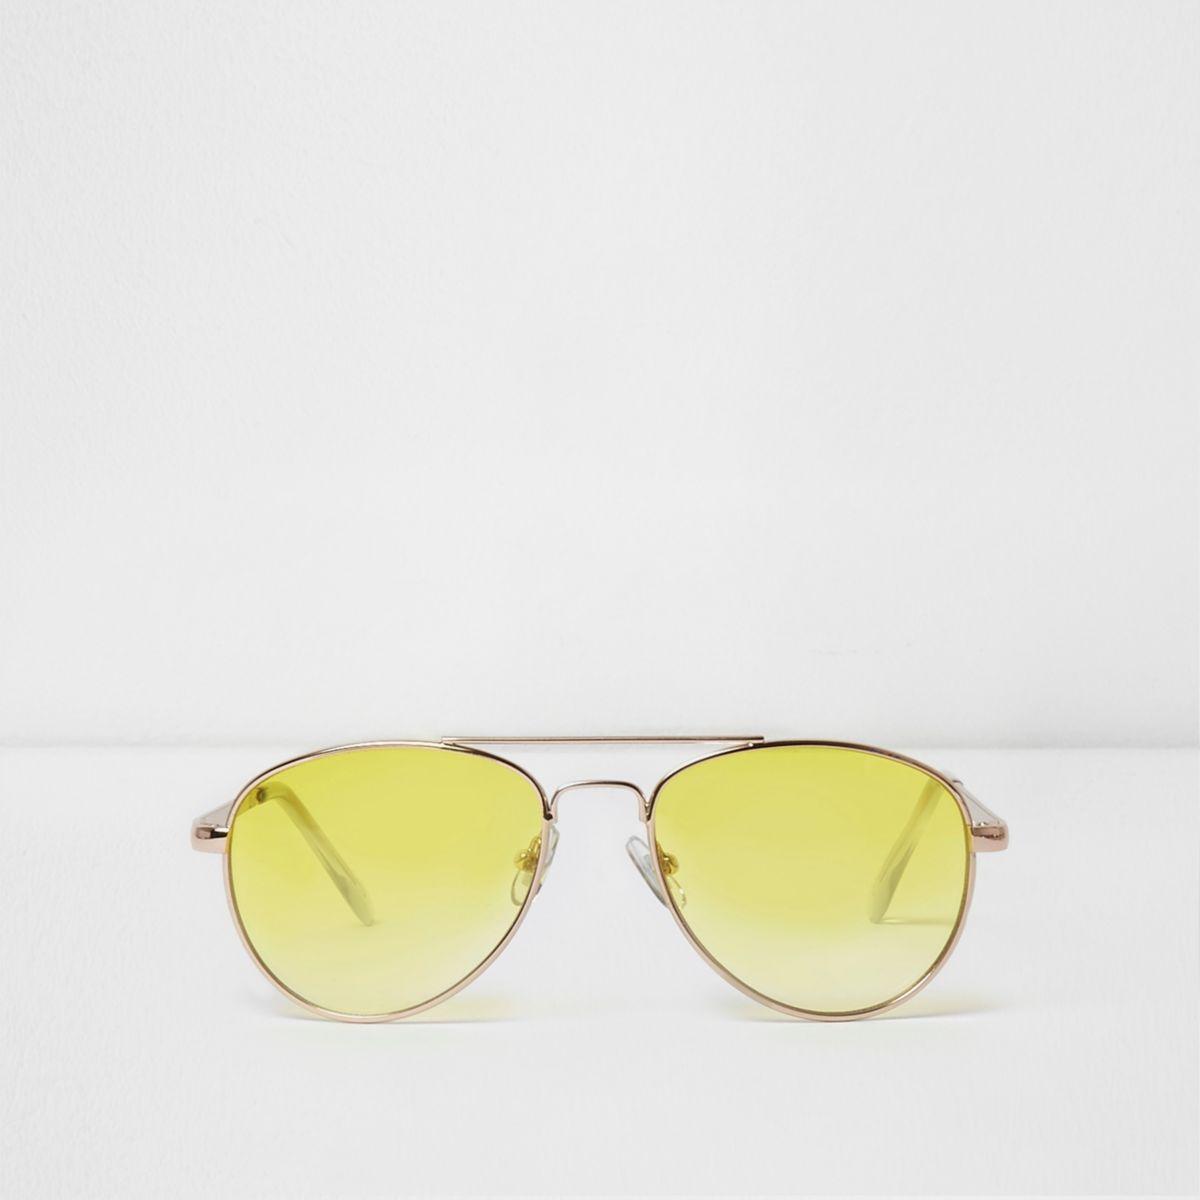 Girls yellow lens aviator sunglasses